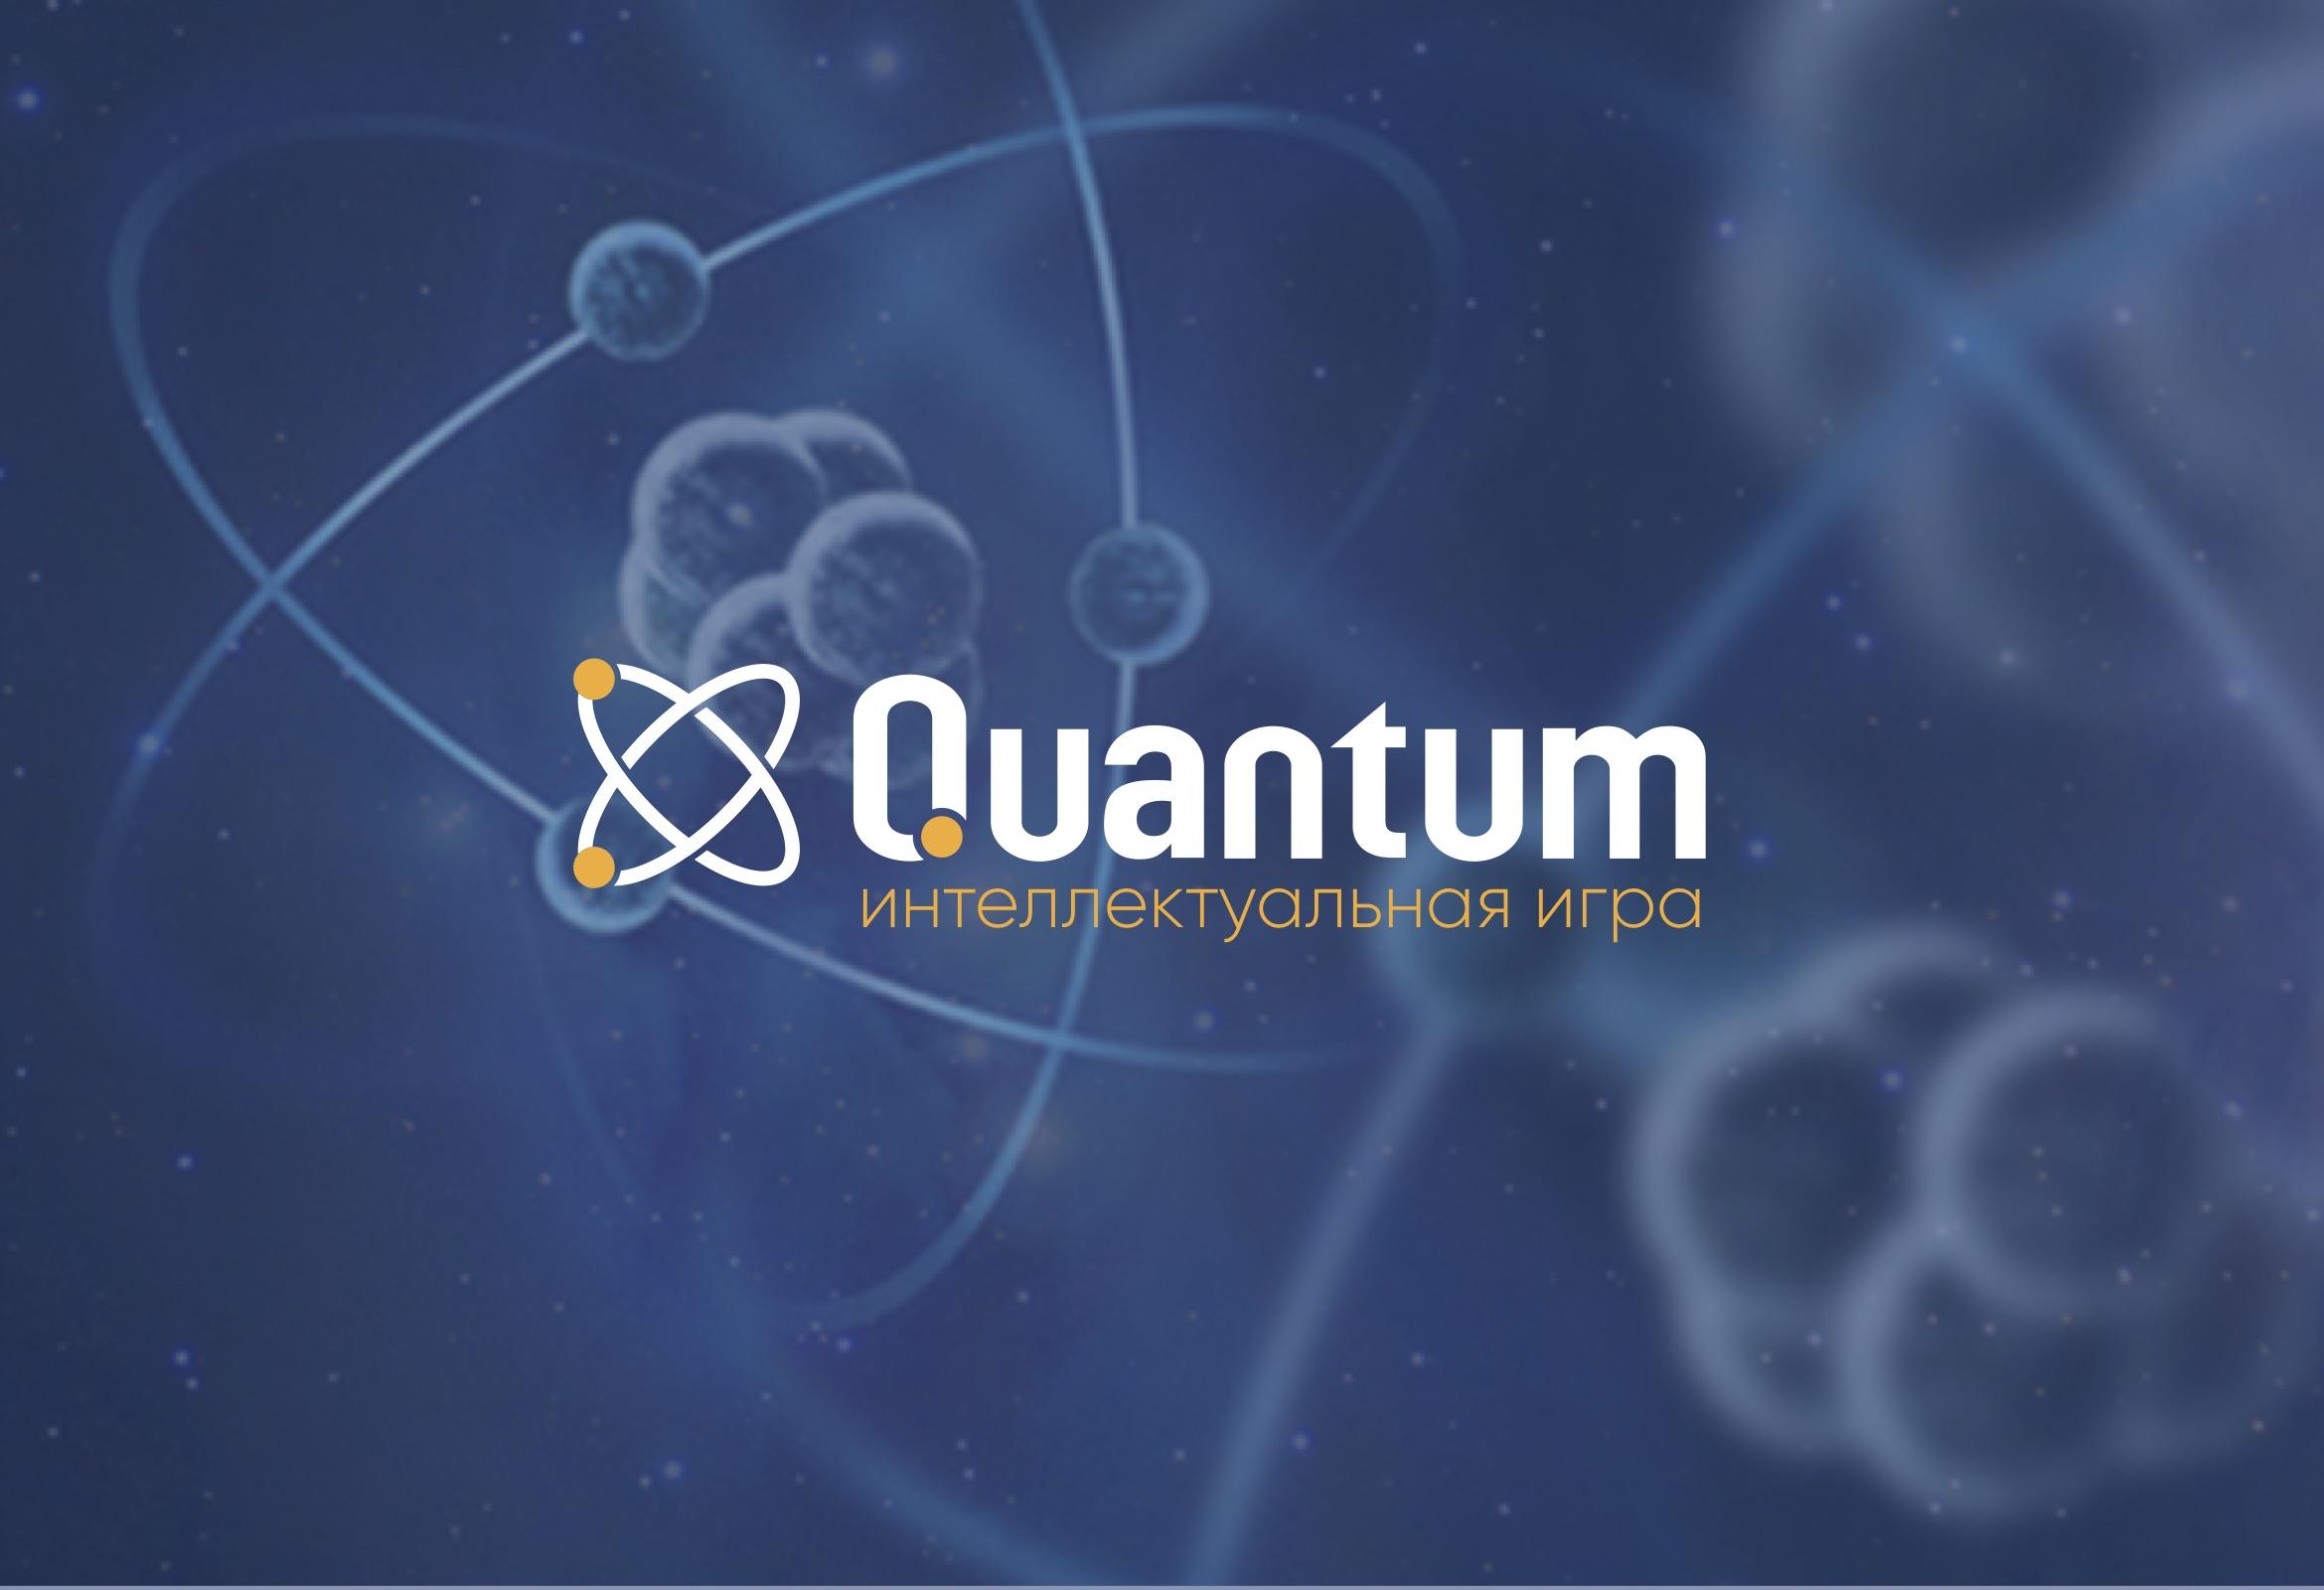 Редизайн логотипа бренда интеллектуальной игры фото f_7155bc436b1d3631.jpg